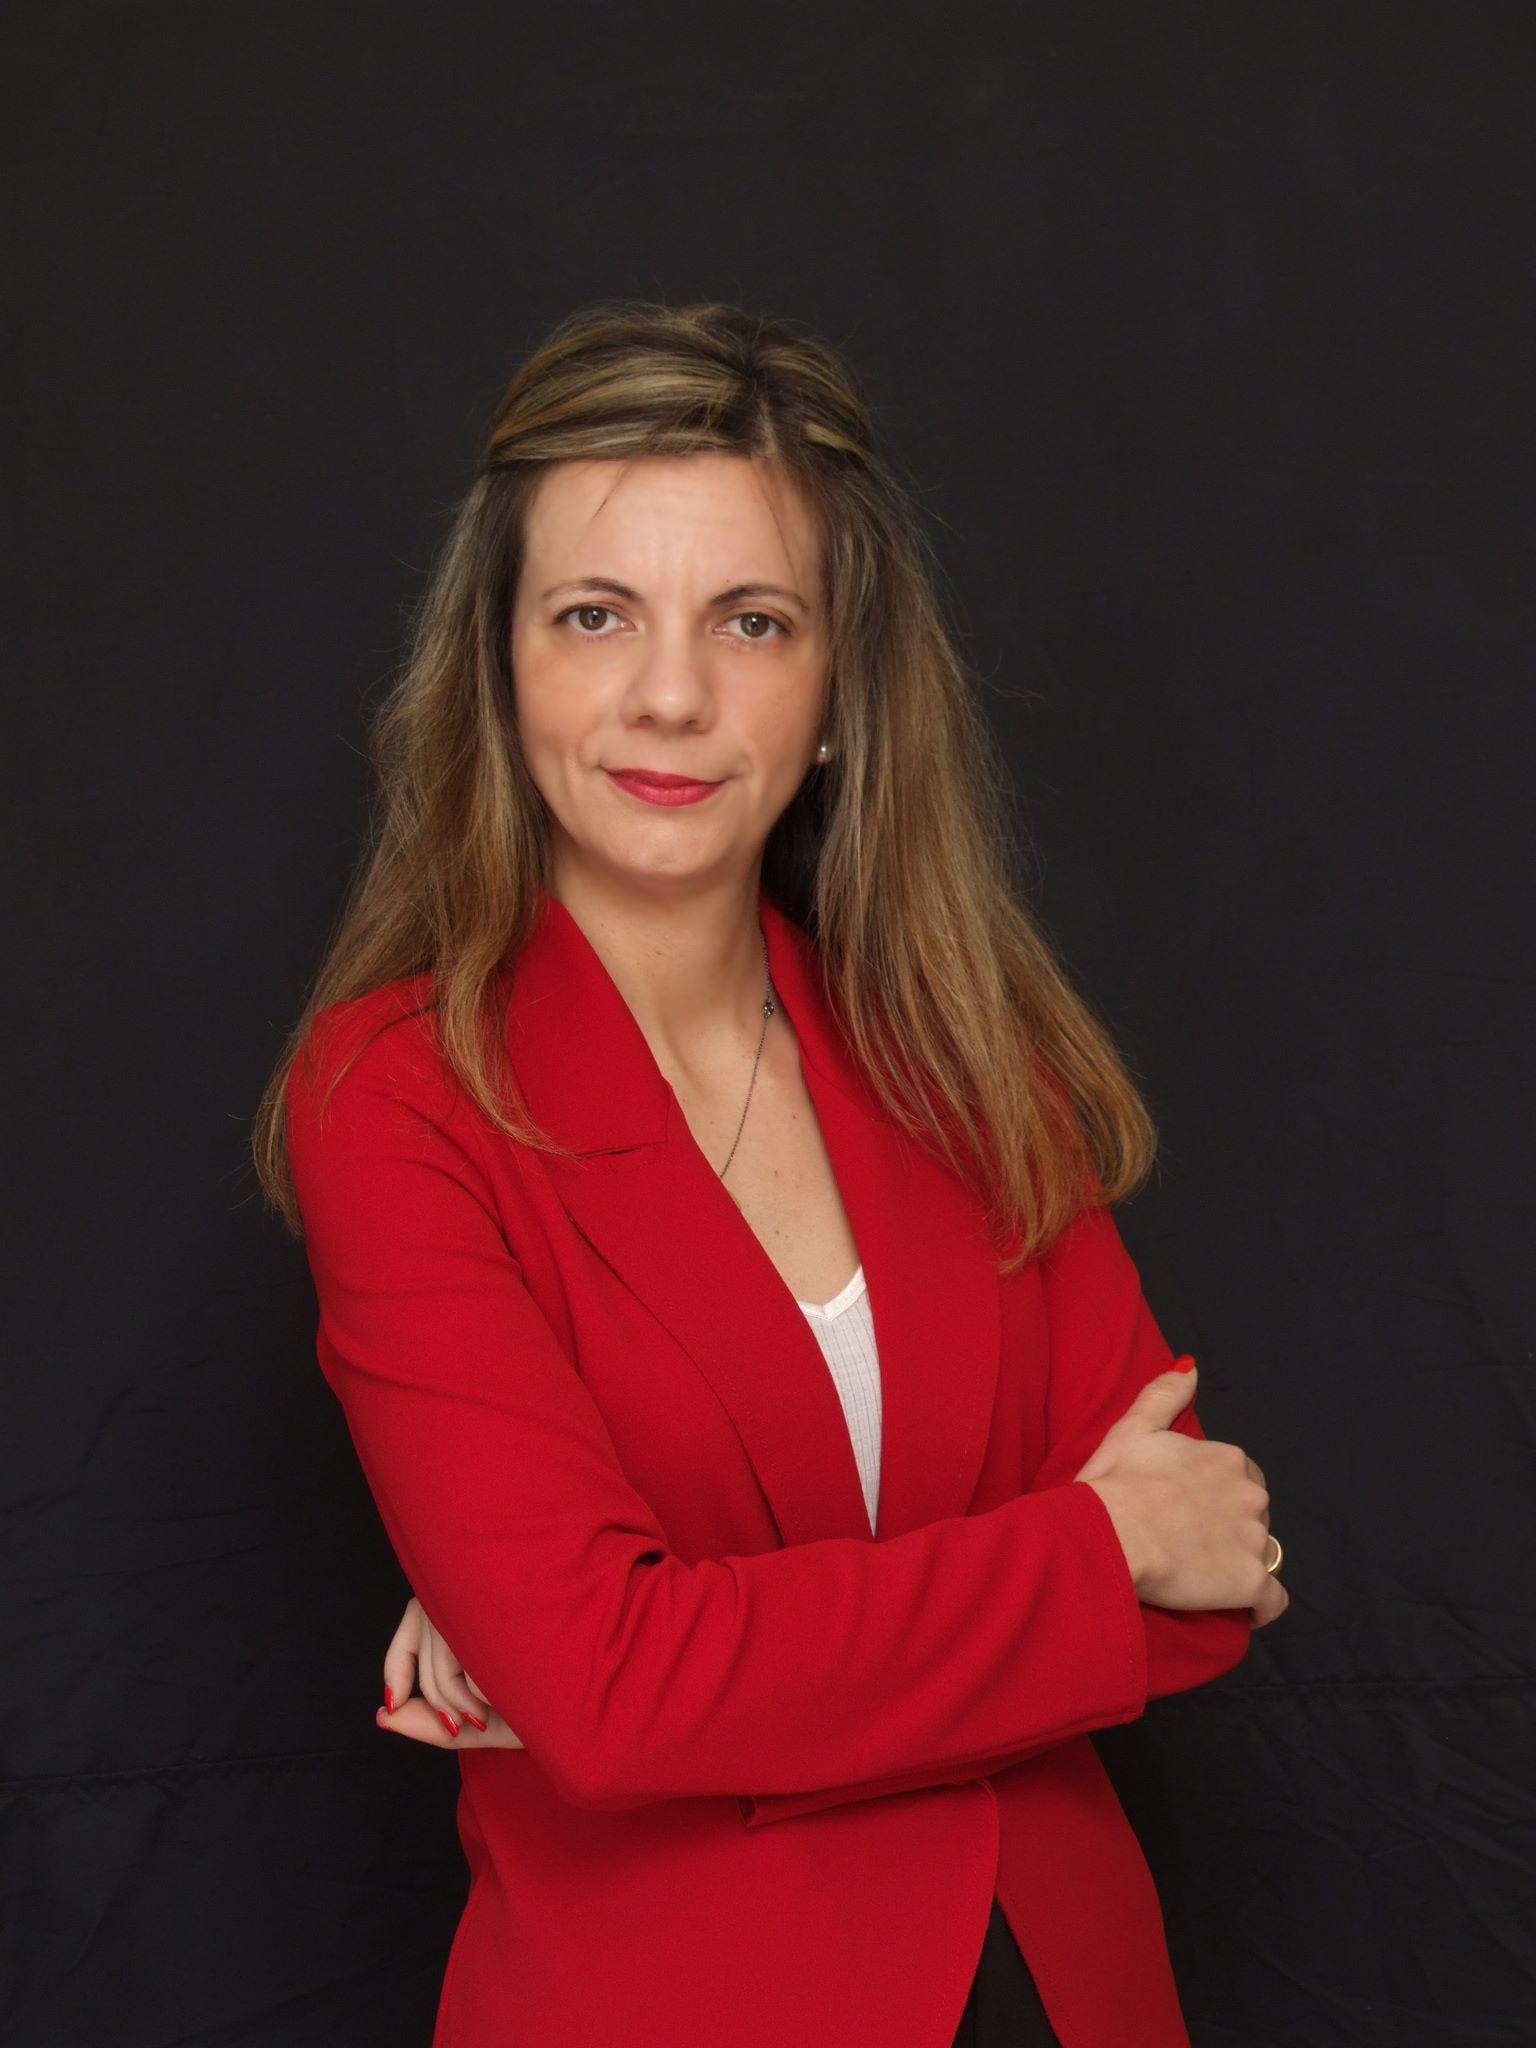 Μαριάννα Σταθοπούλου: Αναγκαίο ένα Ειδικό Πρόγραμμα αποκατάστασης ζημιών - Σωστή και δικαιολογημένη η απόφαση του Δημ. Συμβουλίου Πύργου